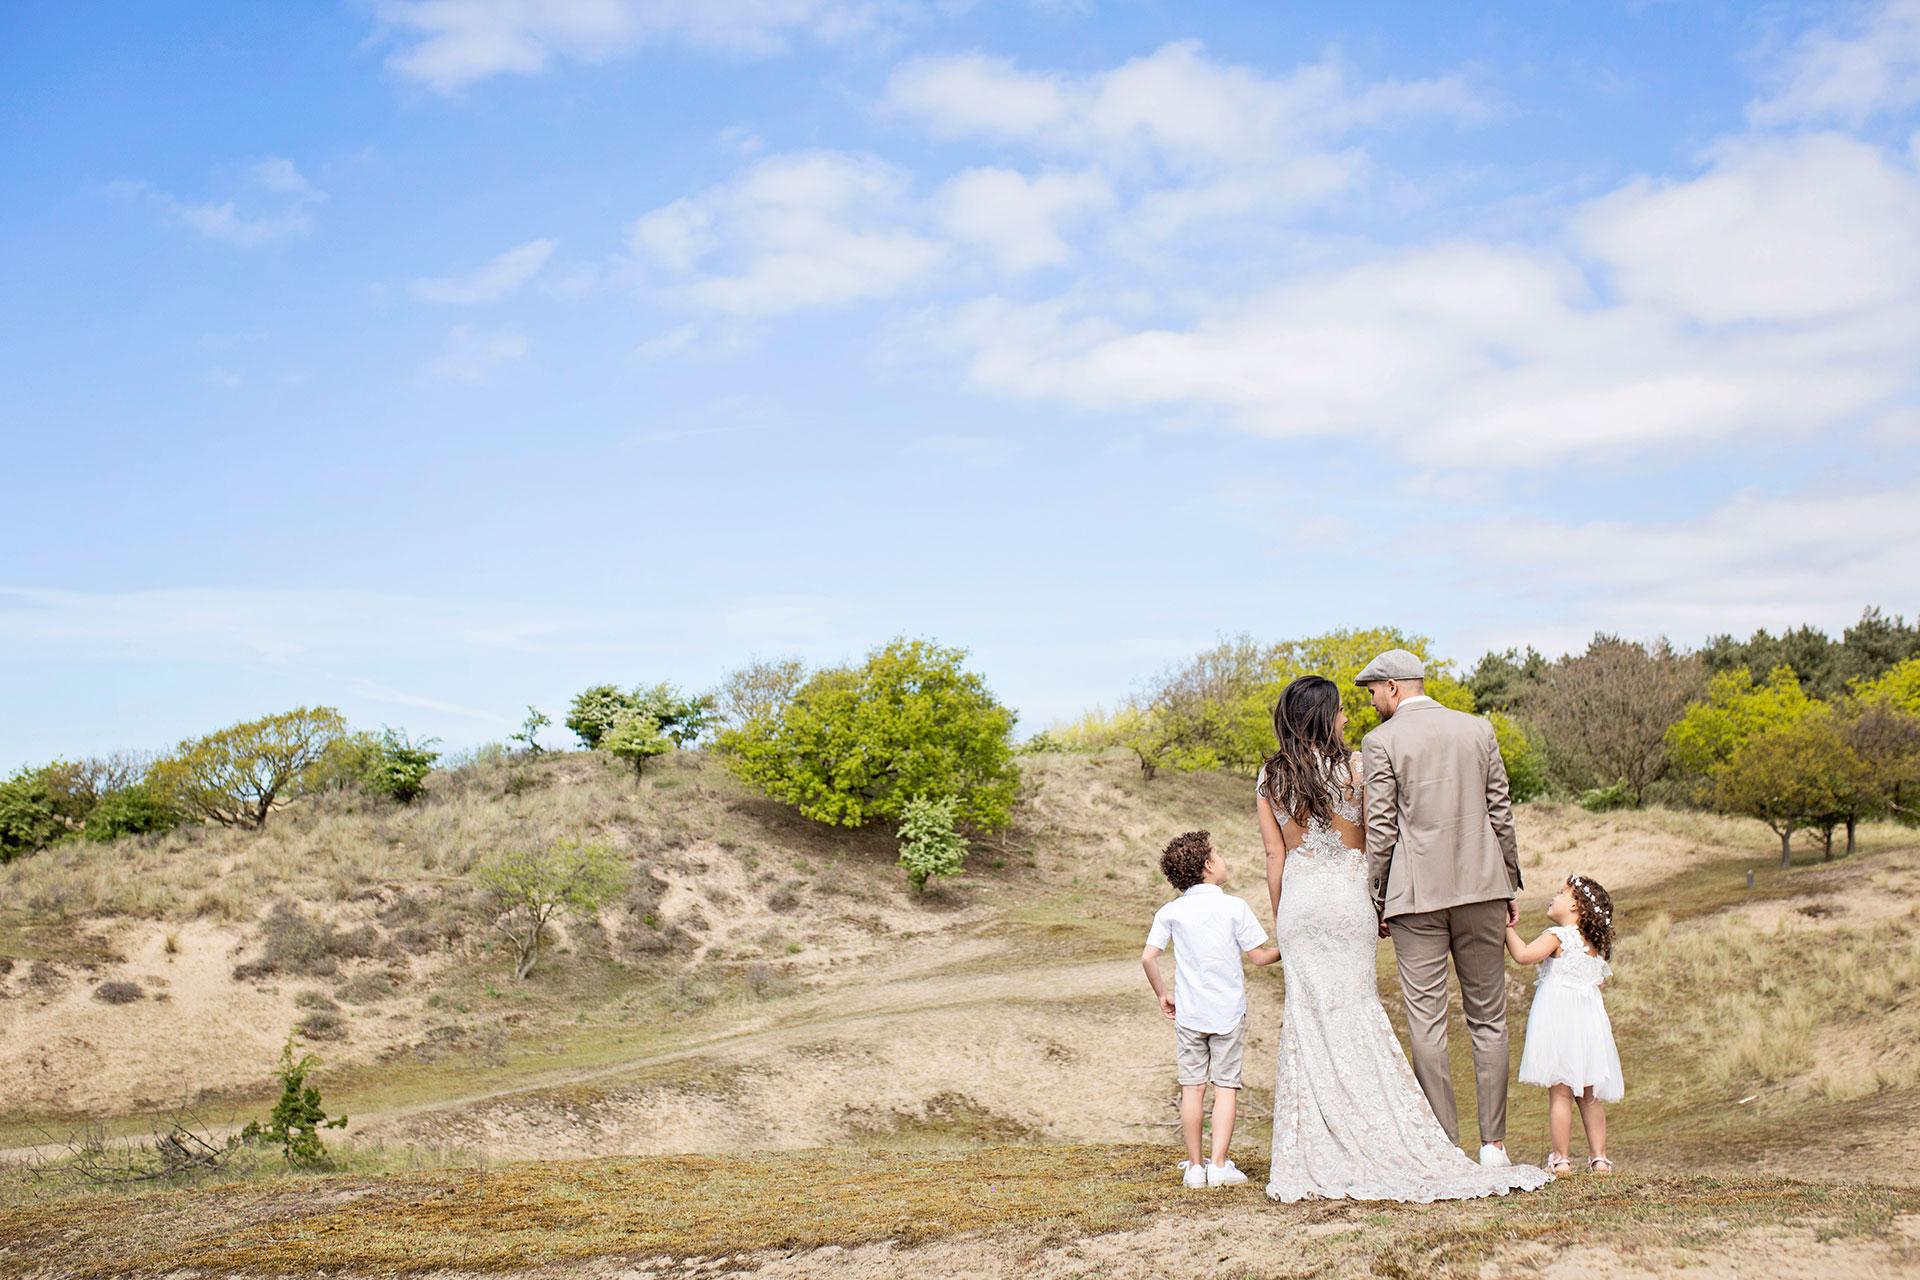 barbara-fotografie-trouwen